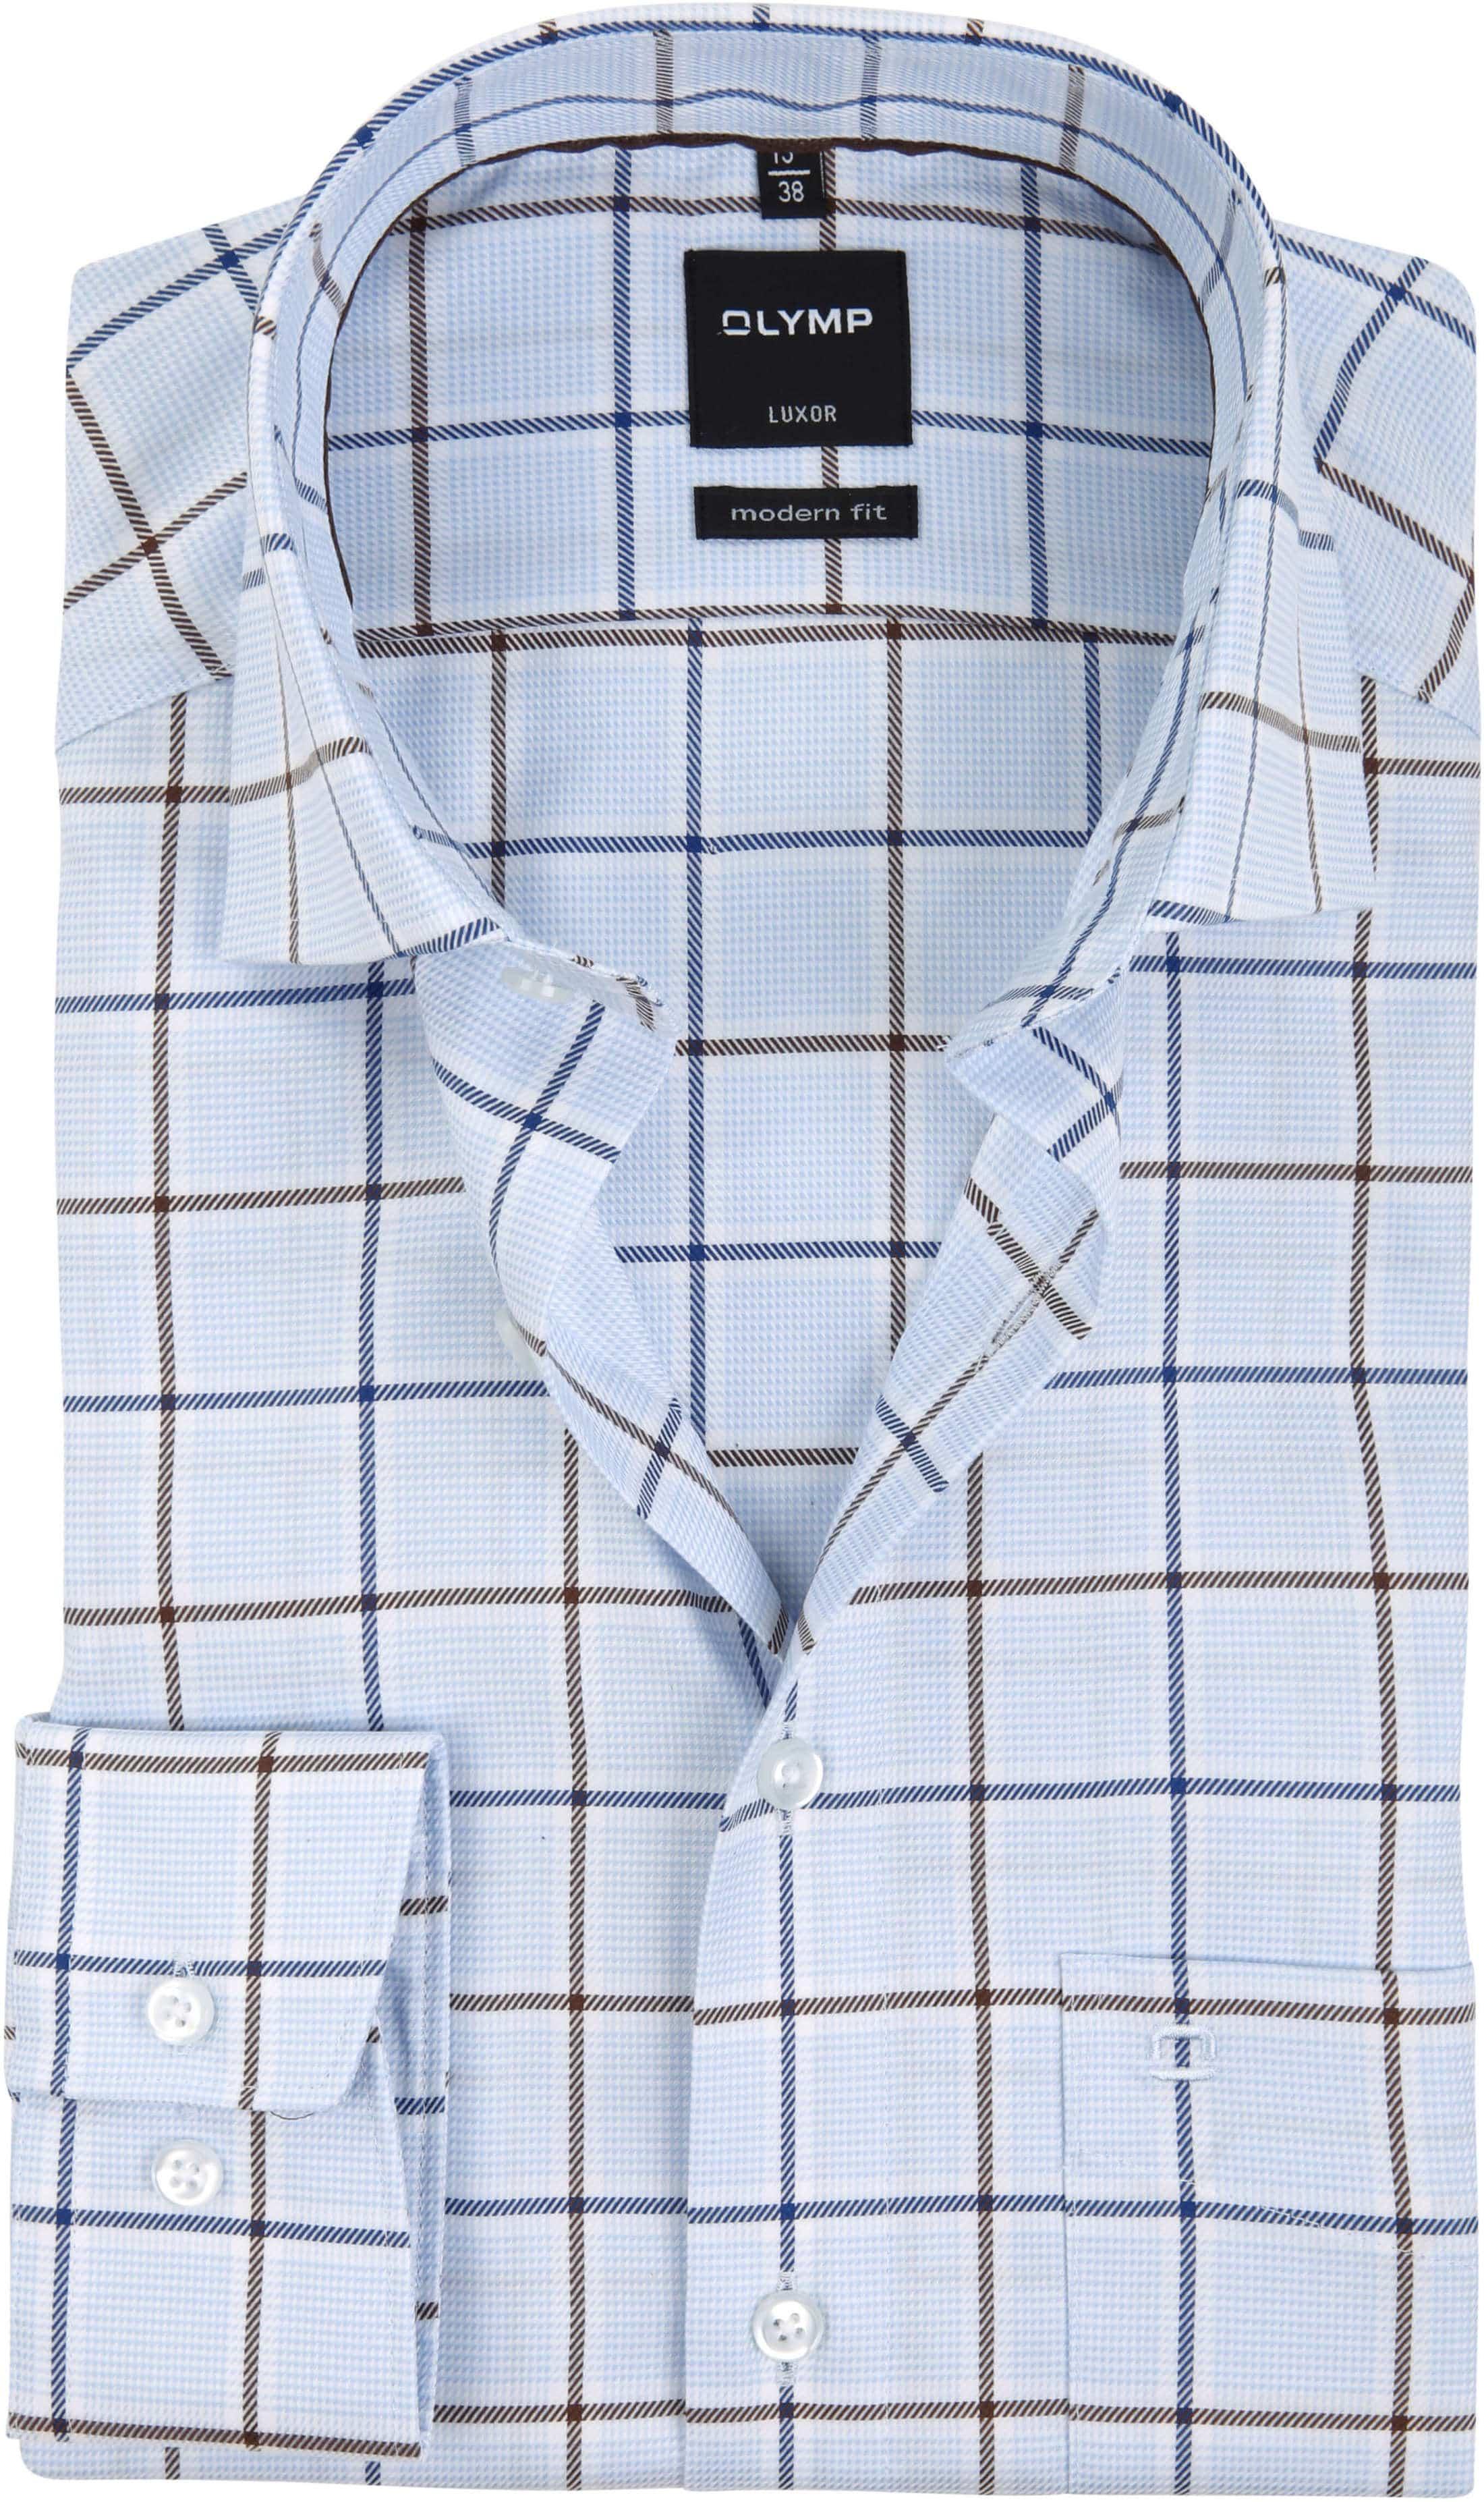 OLYMP Overhemd LuxorMF Ruit Lichtblauw foto 0